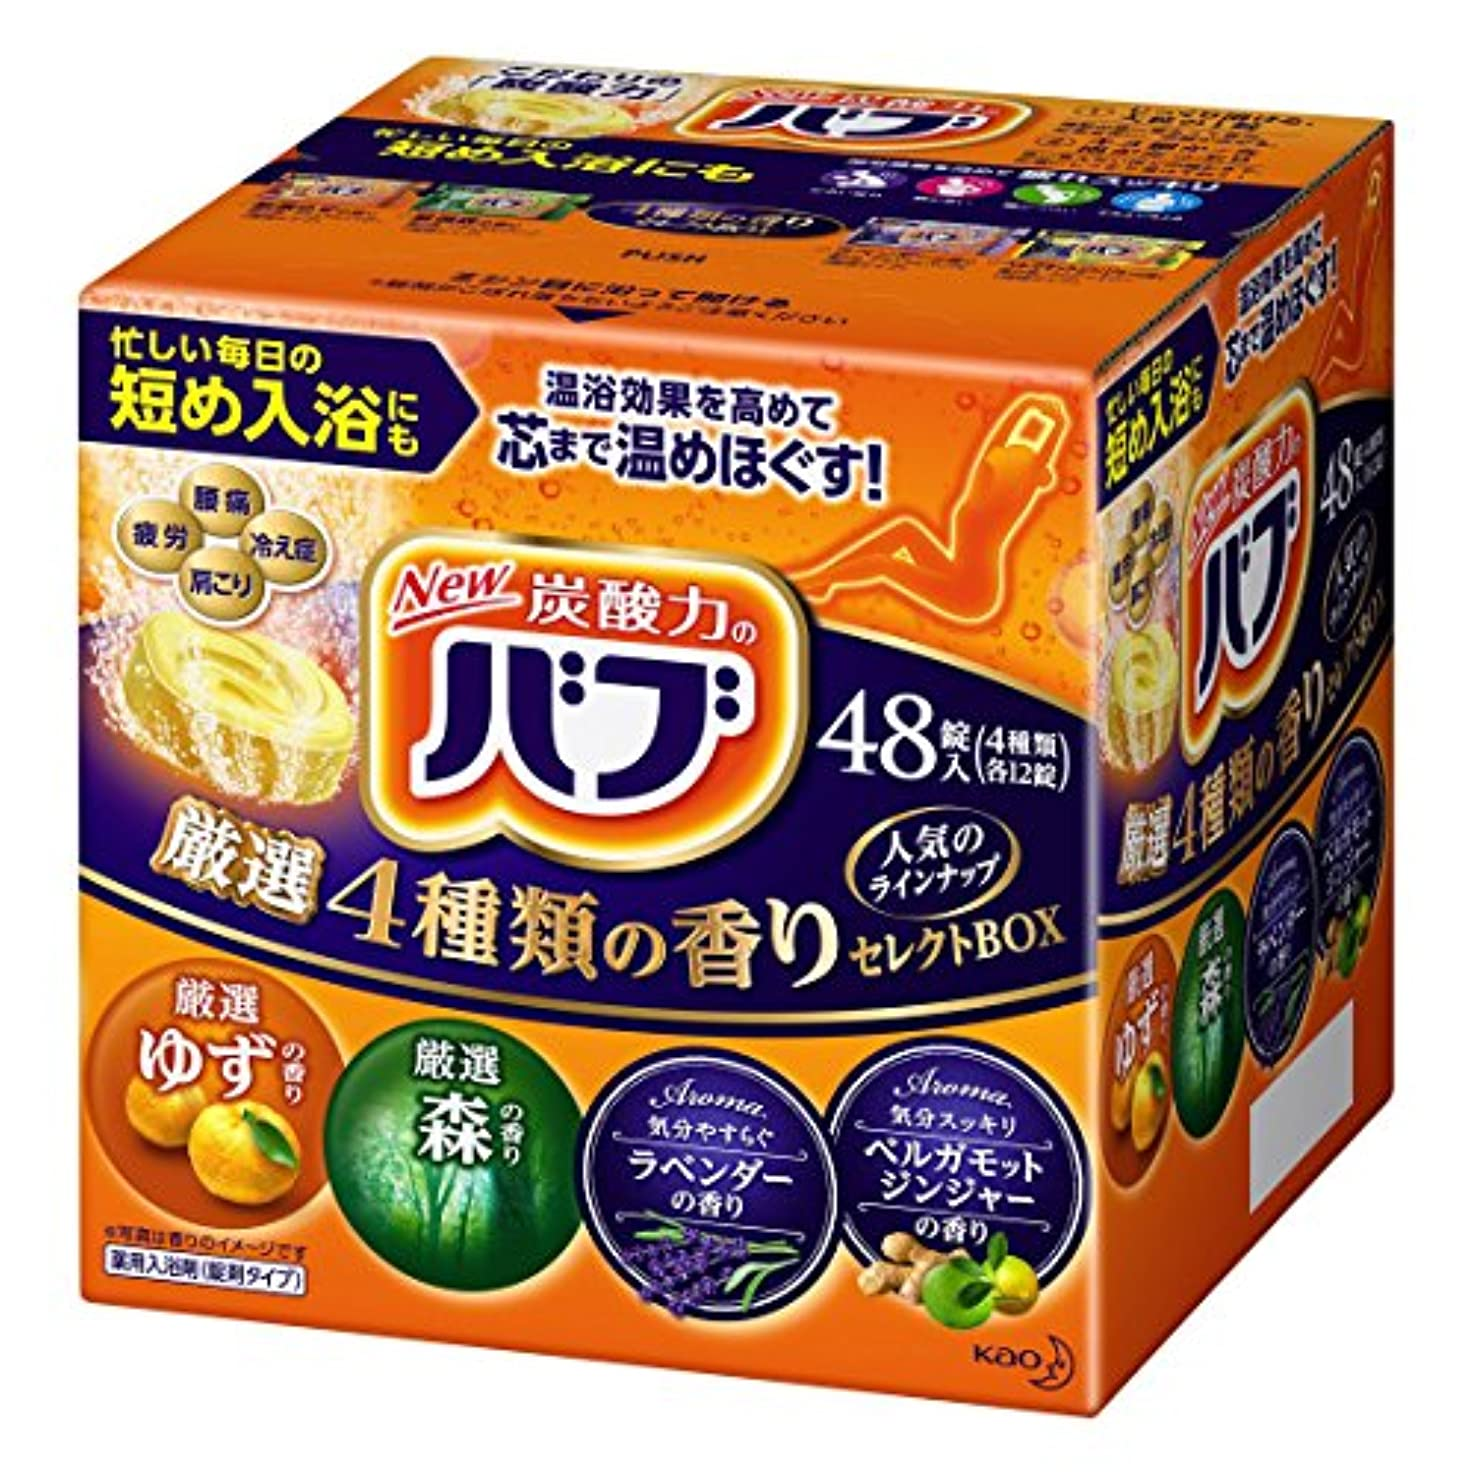 放棄されたレンジ補助【大容量】 バブ 厳選4種類の香りセレクトBOX 薬用 炭酸 入浴剤 詰め合わせ [医薬部外品] 単品 48錠